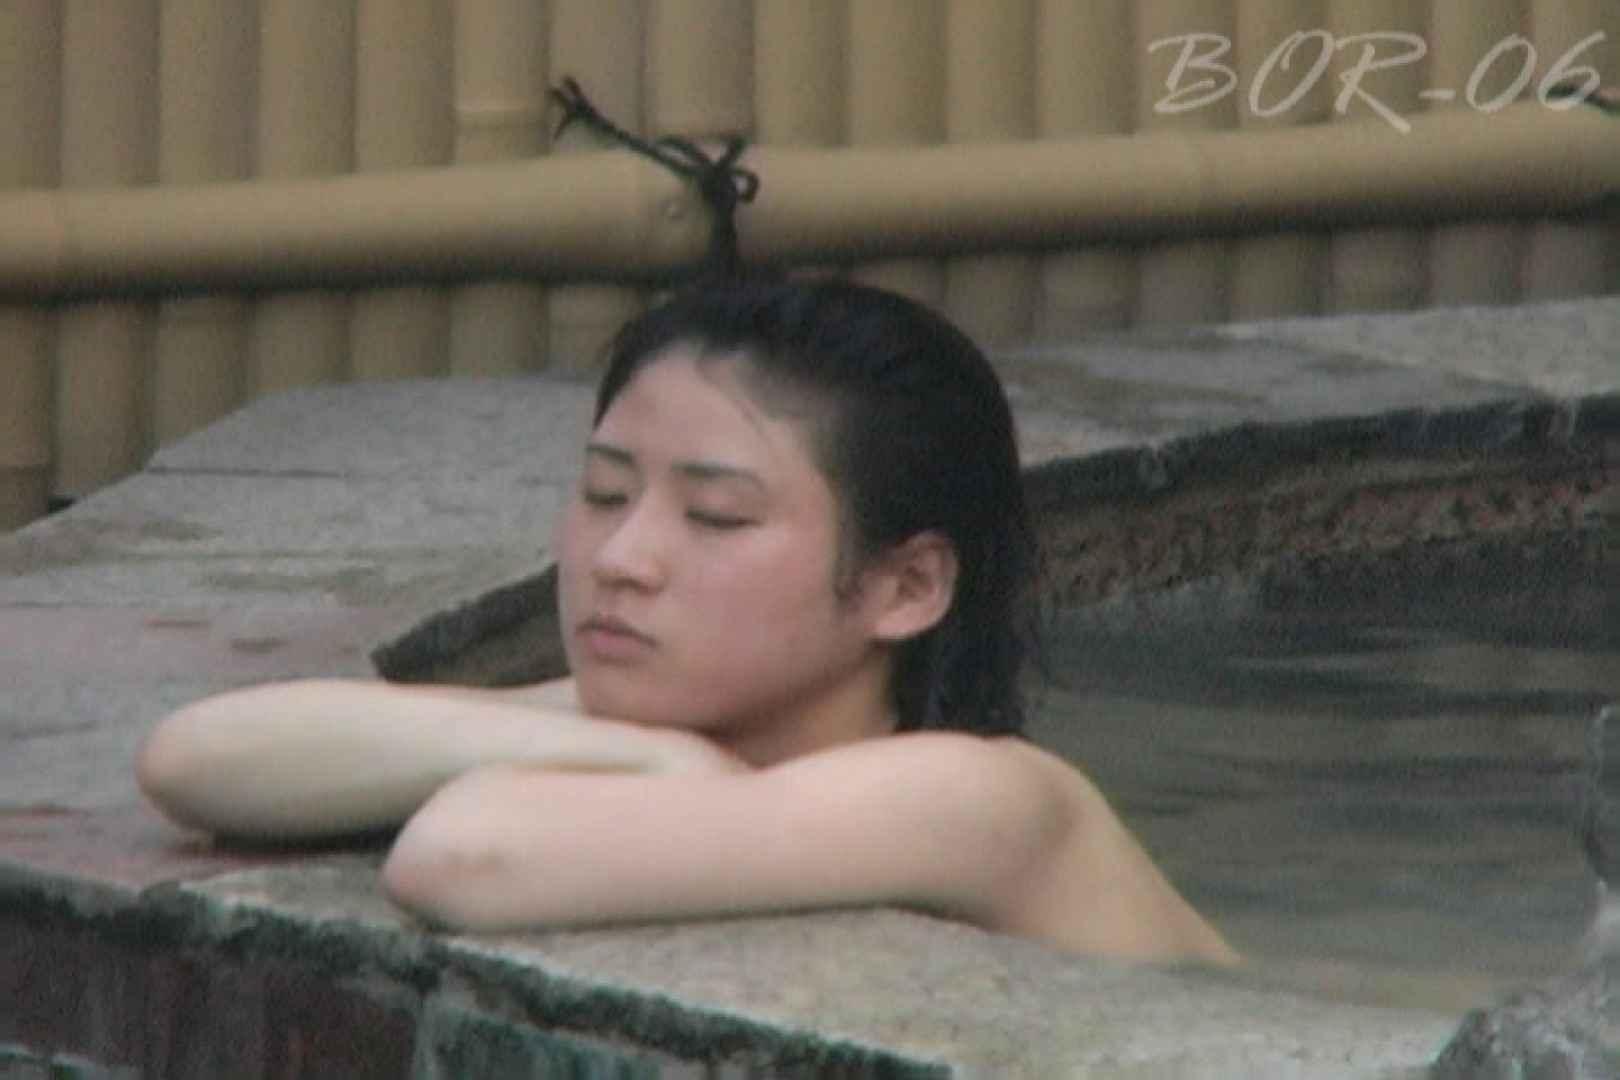 Aquaな露天風呂Vol.520 露天 | 盗撮  79枚 40